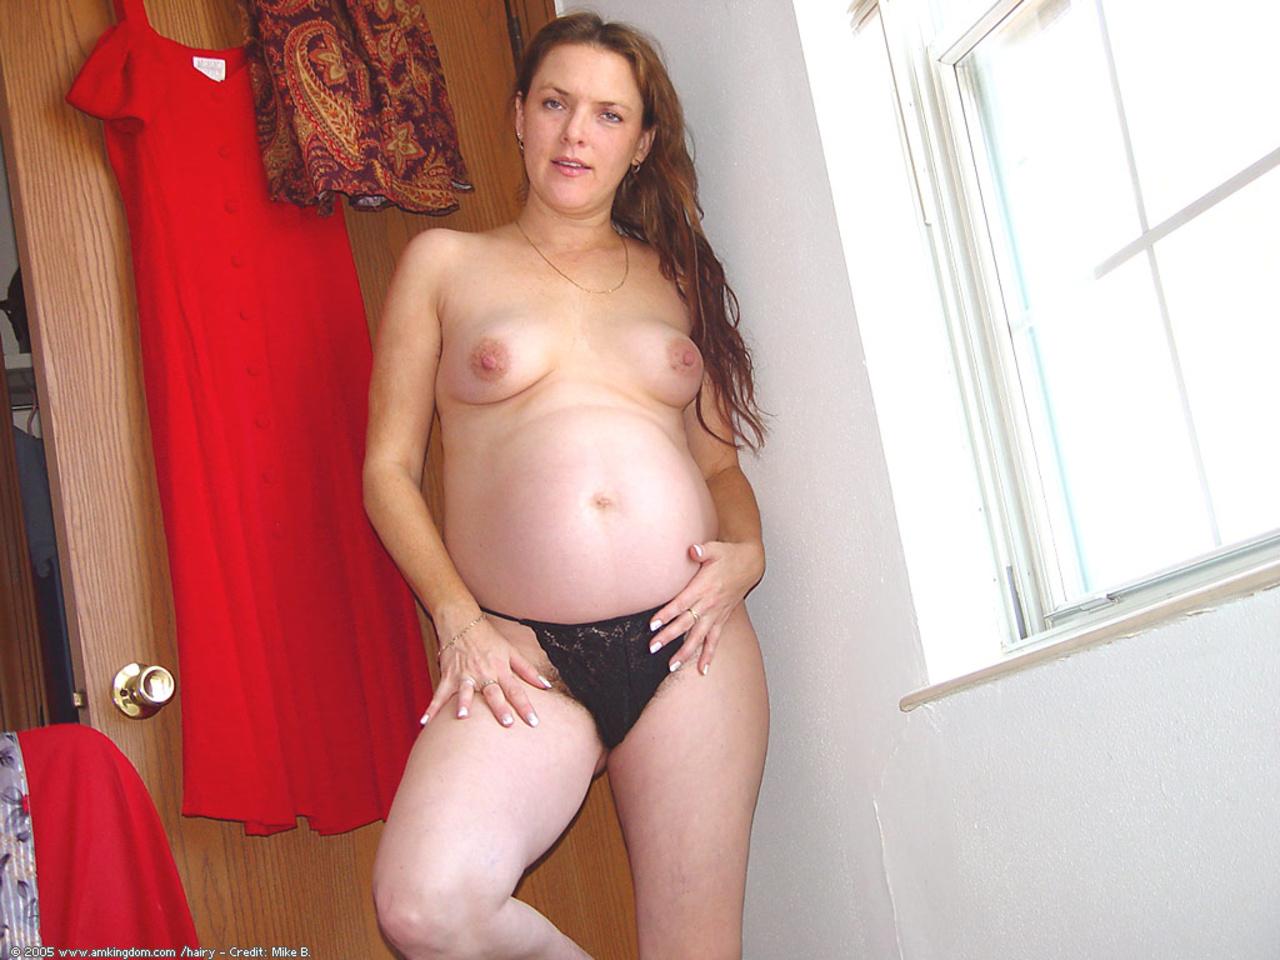 Фото беременных телочек, Порно фото беременных 5 фотография